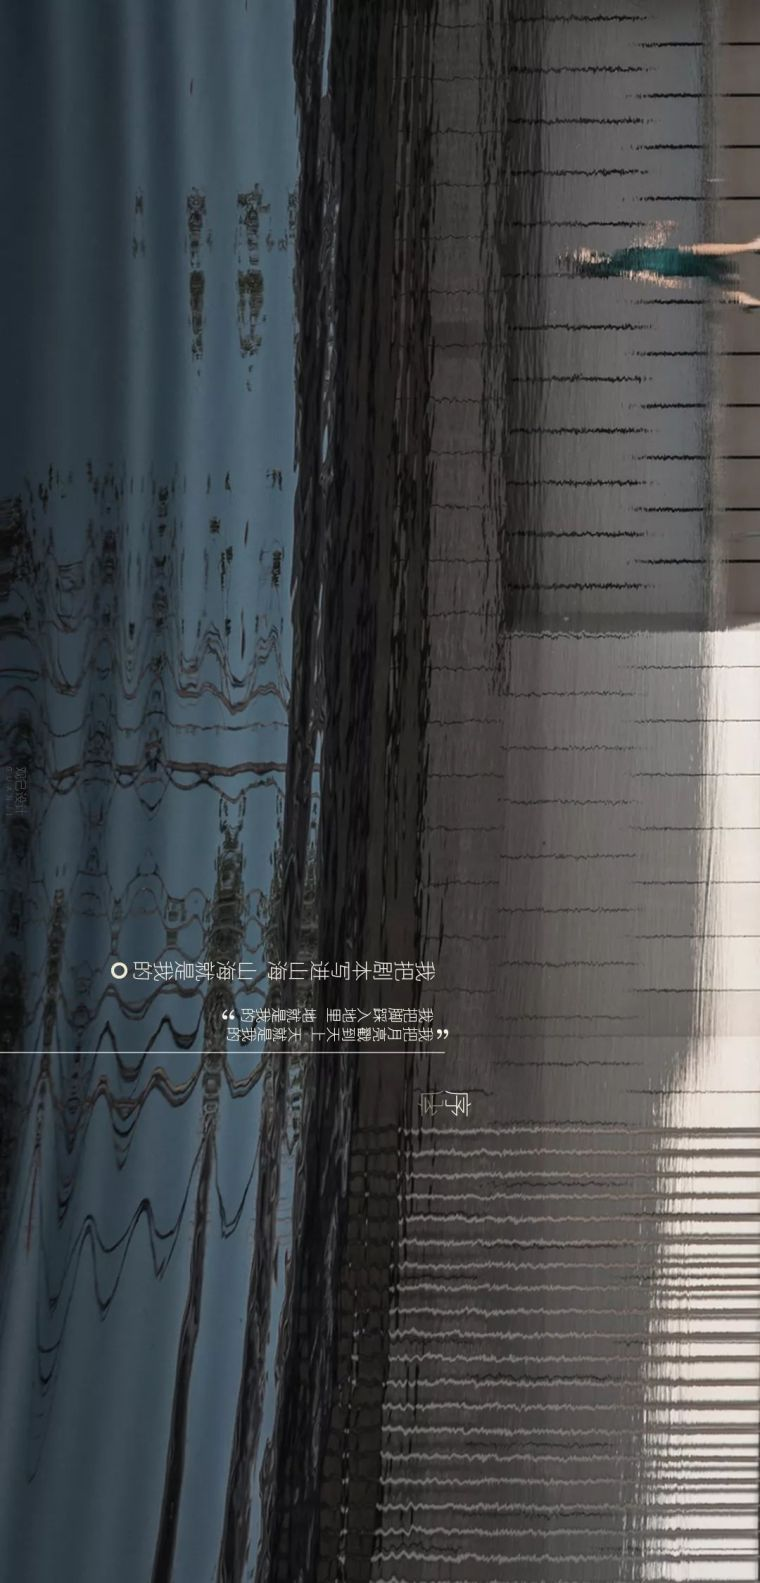 宋式园林,山海剧场|融创&新希望·御栖湖_2